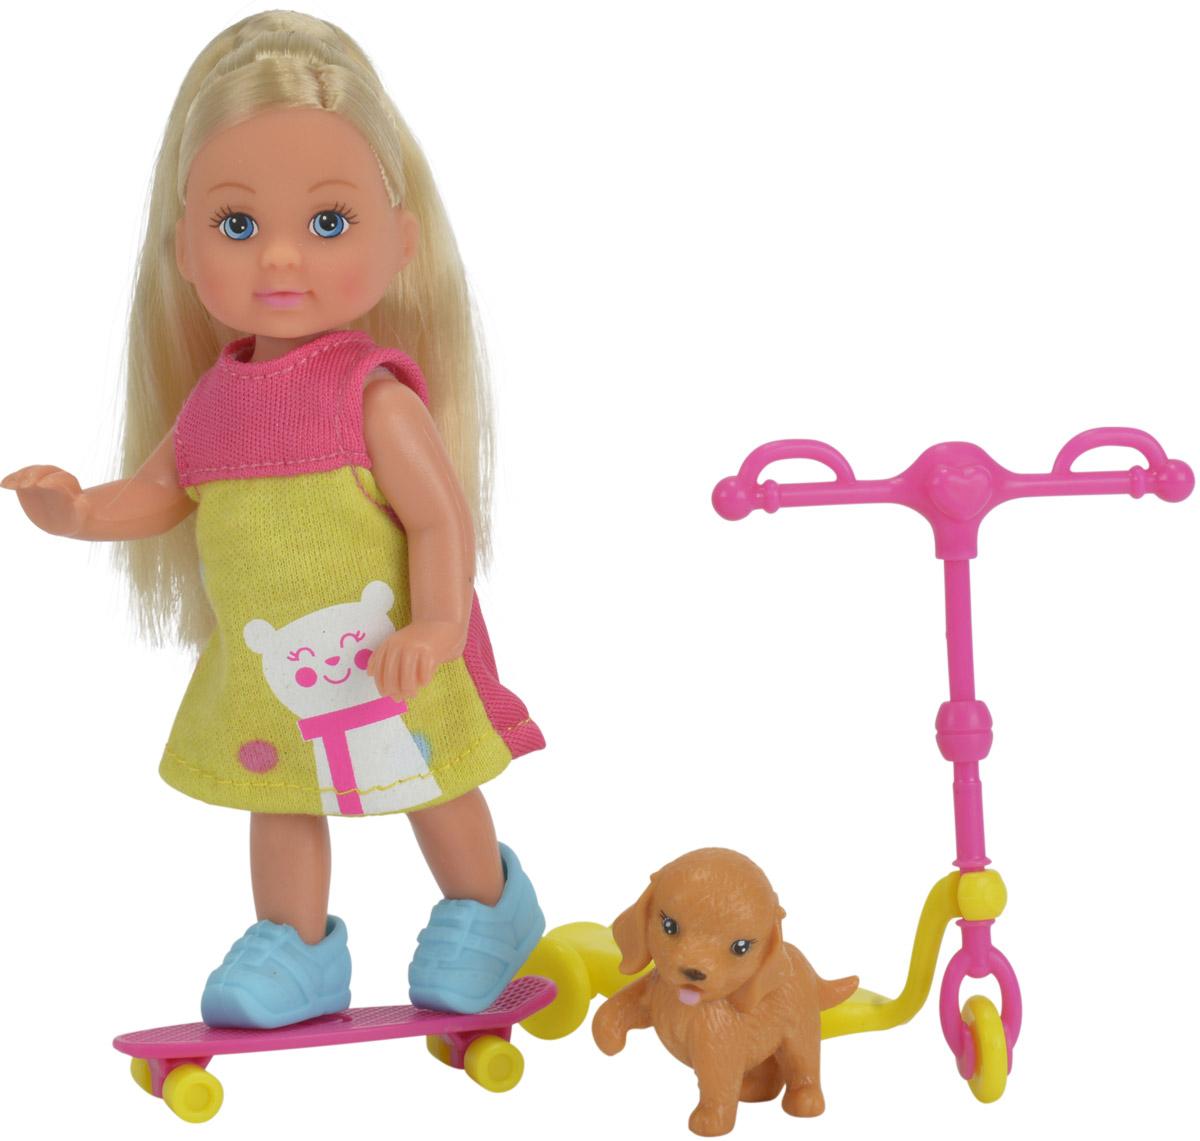 Simba Мини-кукла Еви на скутере цвет розовый салатовый5732295Кукла Simba Еви на скутере порадует любую девочку и надолго увлечет ее. Для летней прогулки в наборе с куколкой есть все необходимое: скутер, скейт и фигурка собачки. Еви весело проводит время со своим любимым песиком. Малышка Еви одета в стильное летнее платье и голубые ботиночки. Вашей дочурке непременно понравится заплетать длинные белокурые волосы куклы, придумывая разнообразные прически. Руки, ноги и голова куклы подвижны, благодаря чему ей можно придавать разнообразные позы. Игры с куклой способствуют эмоциональному развитию, помогают формировать воображение и художественный вкус, а также разовьют в вашей малышке чувство ответственности и заботы. Великолепное качество исполнения делают эту куколку чудесным подарком к любому празднику.